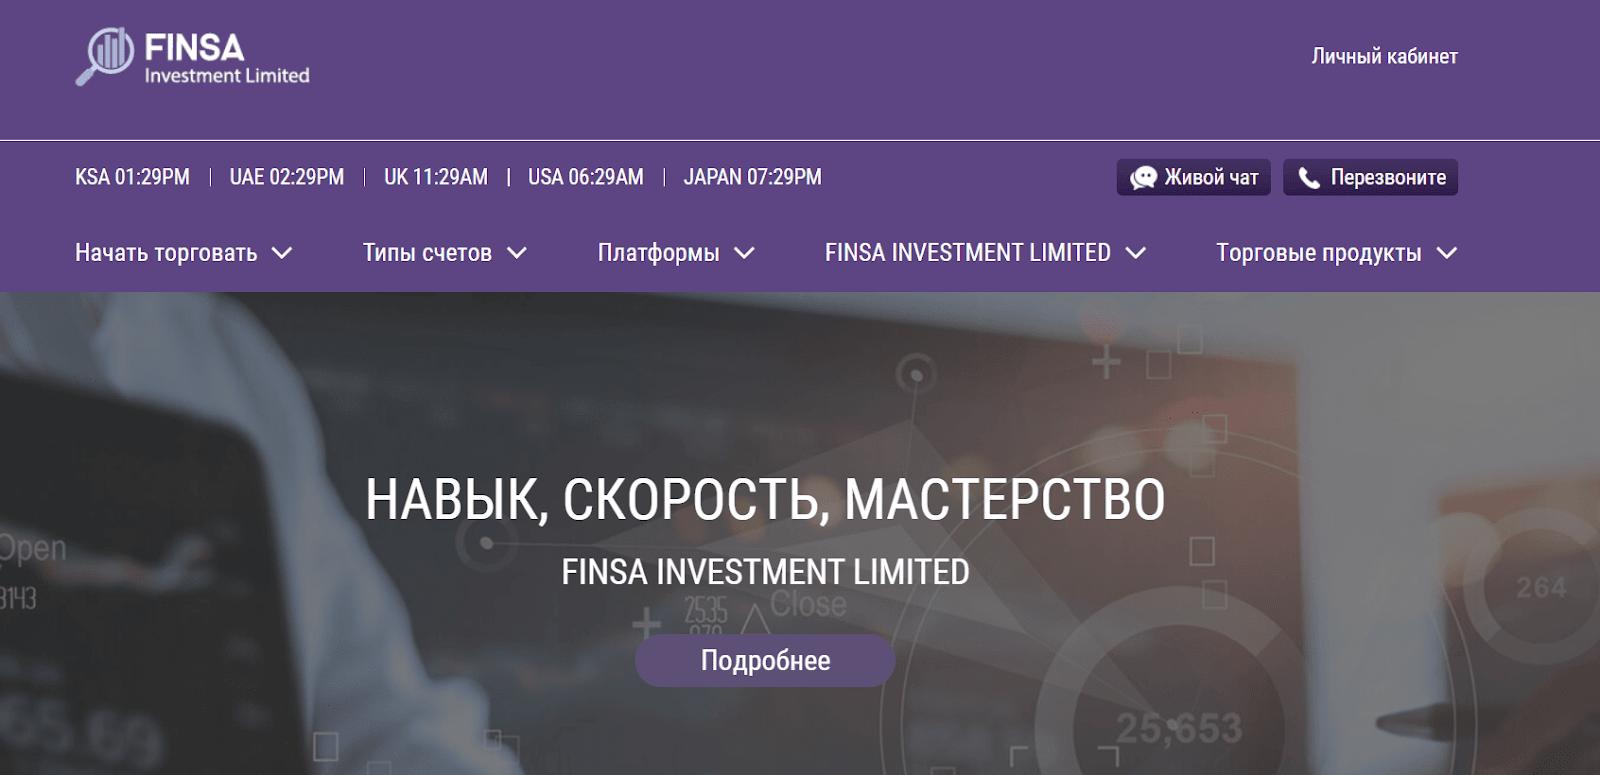 Отзывы о Finsa Investment Limited: можно ли доверять брокеру? реальные отзывы